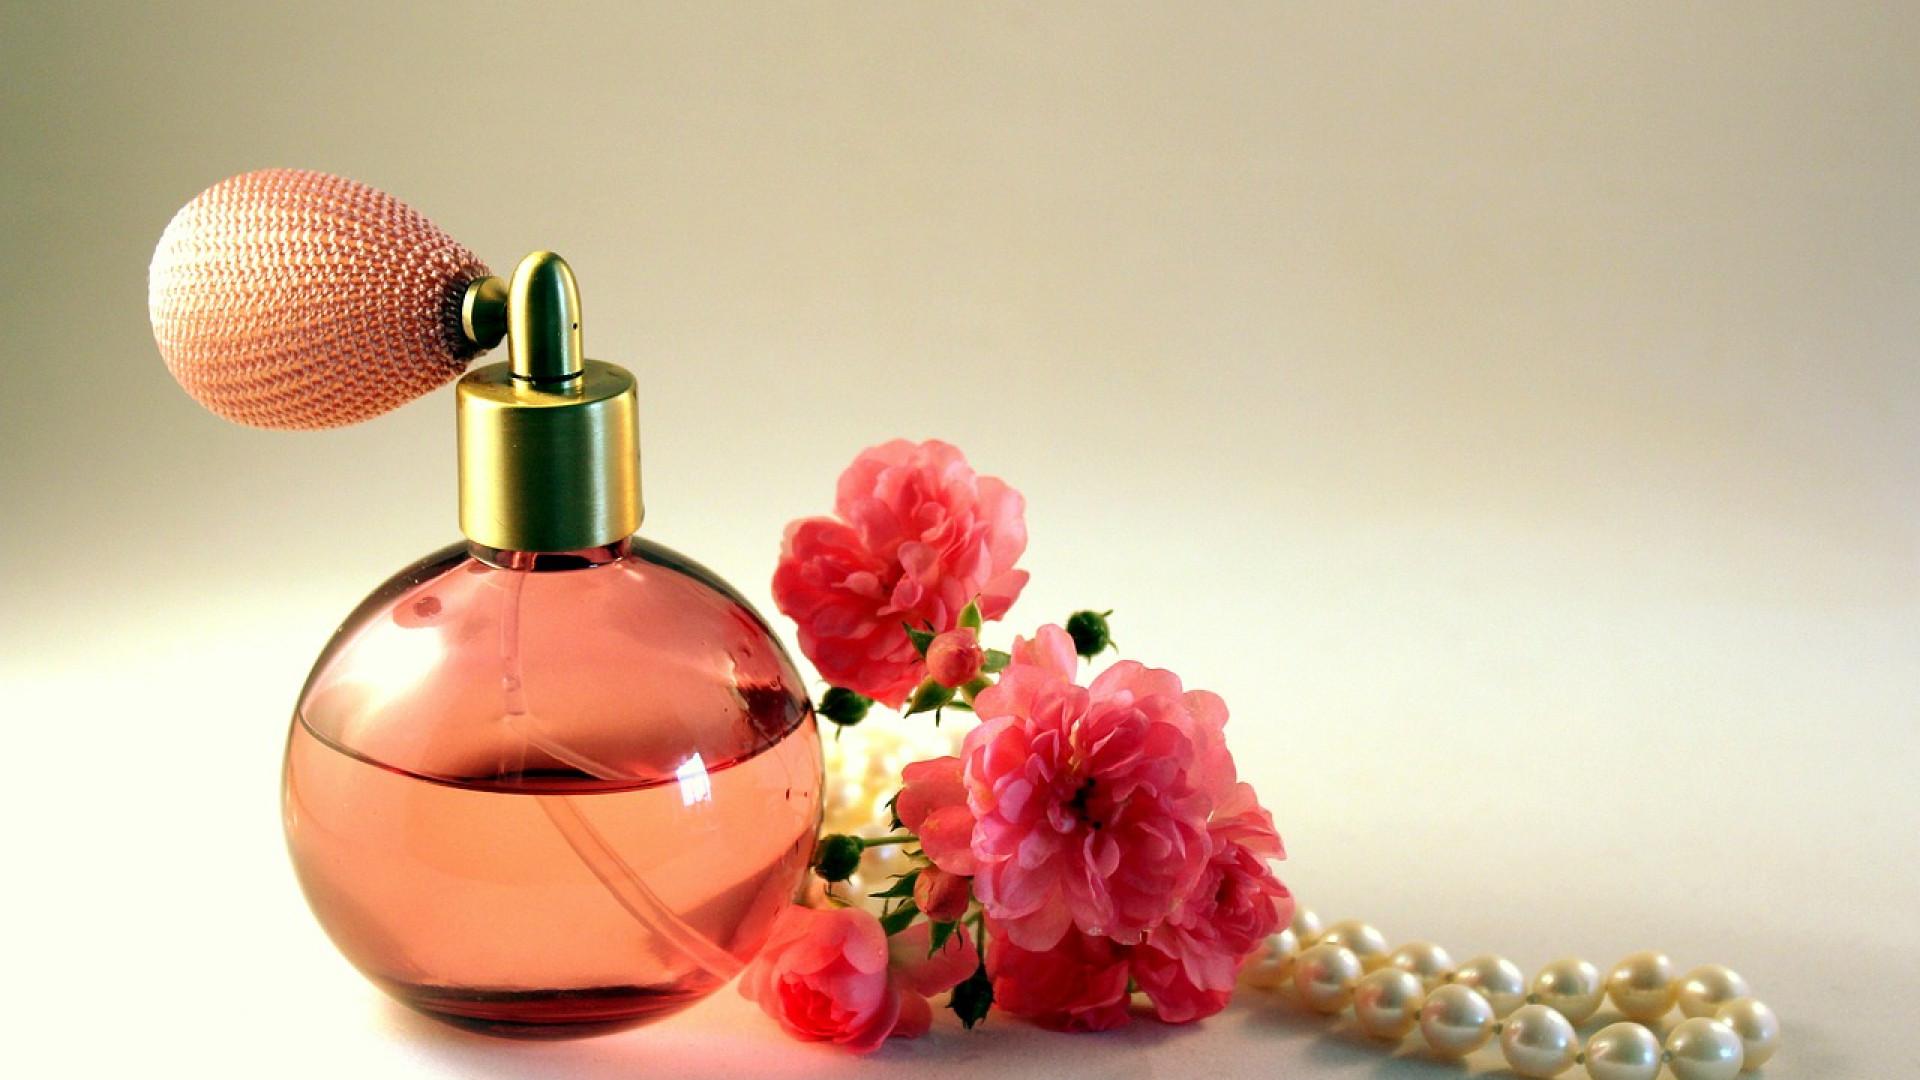 Trouver le parfum idéal lorsqu'on est une femme